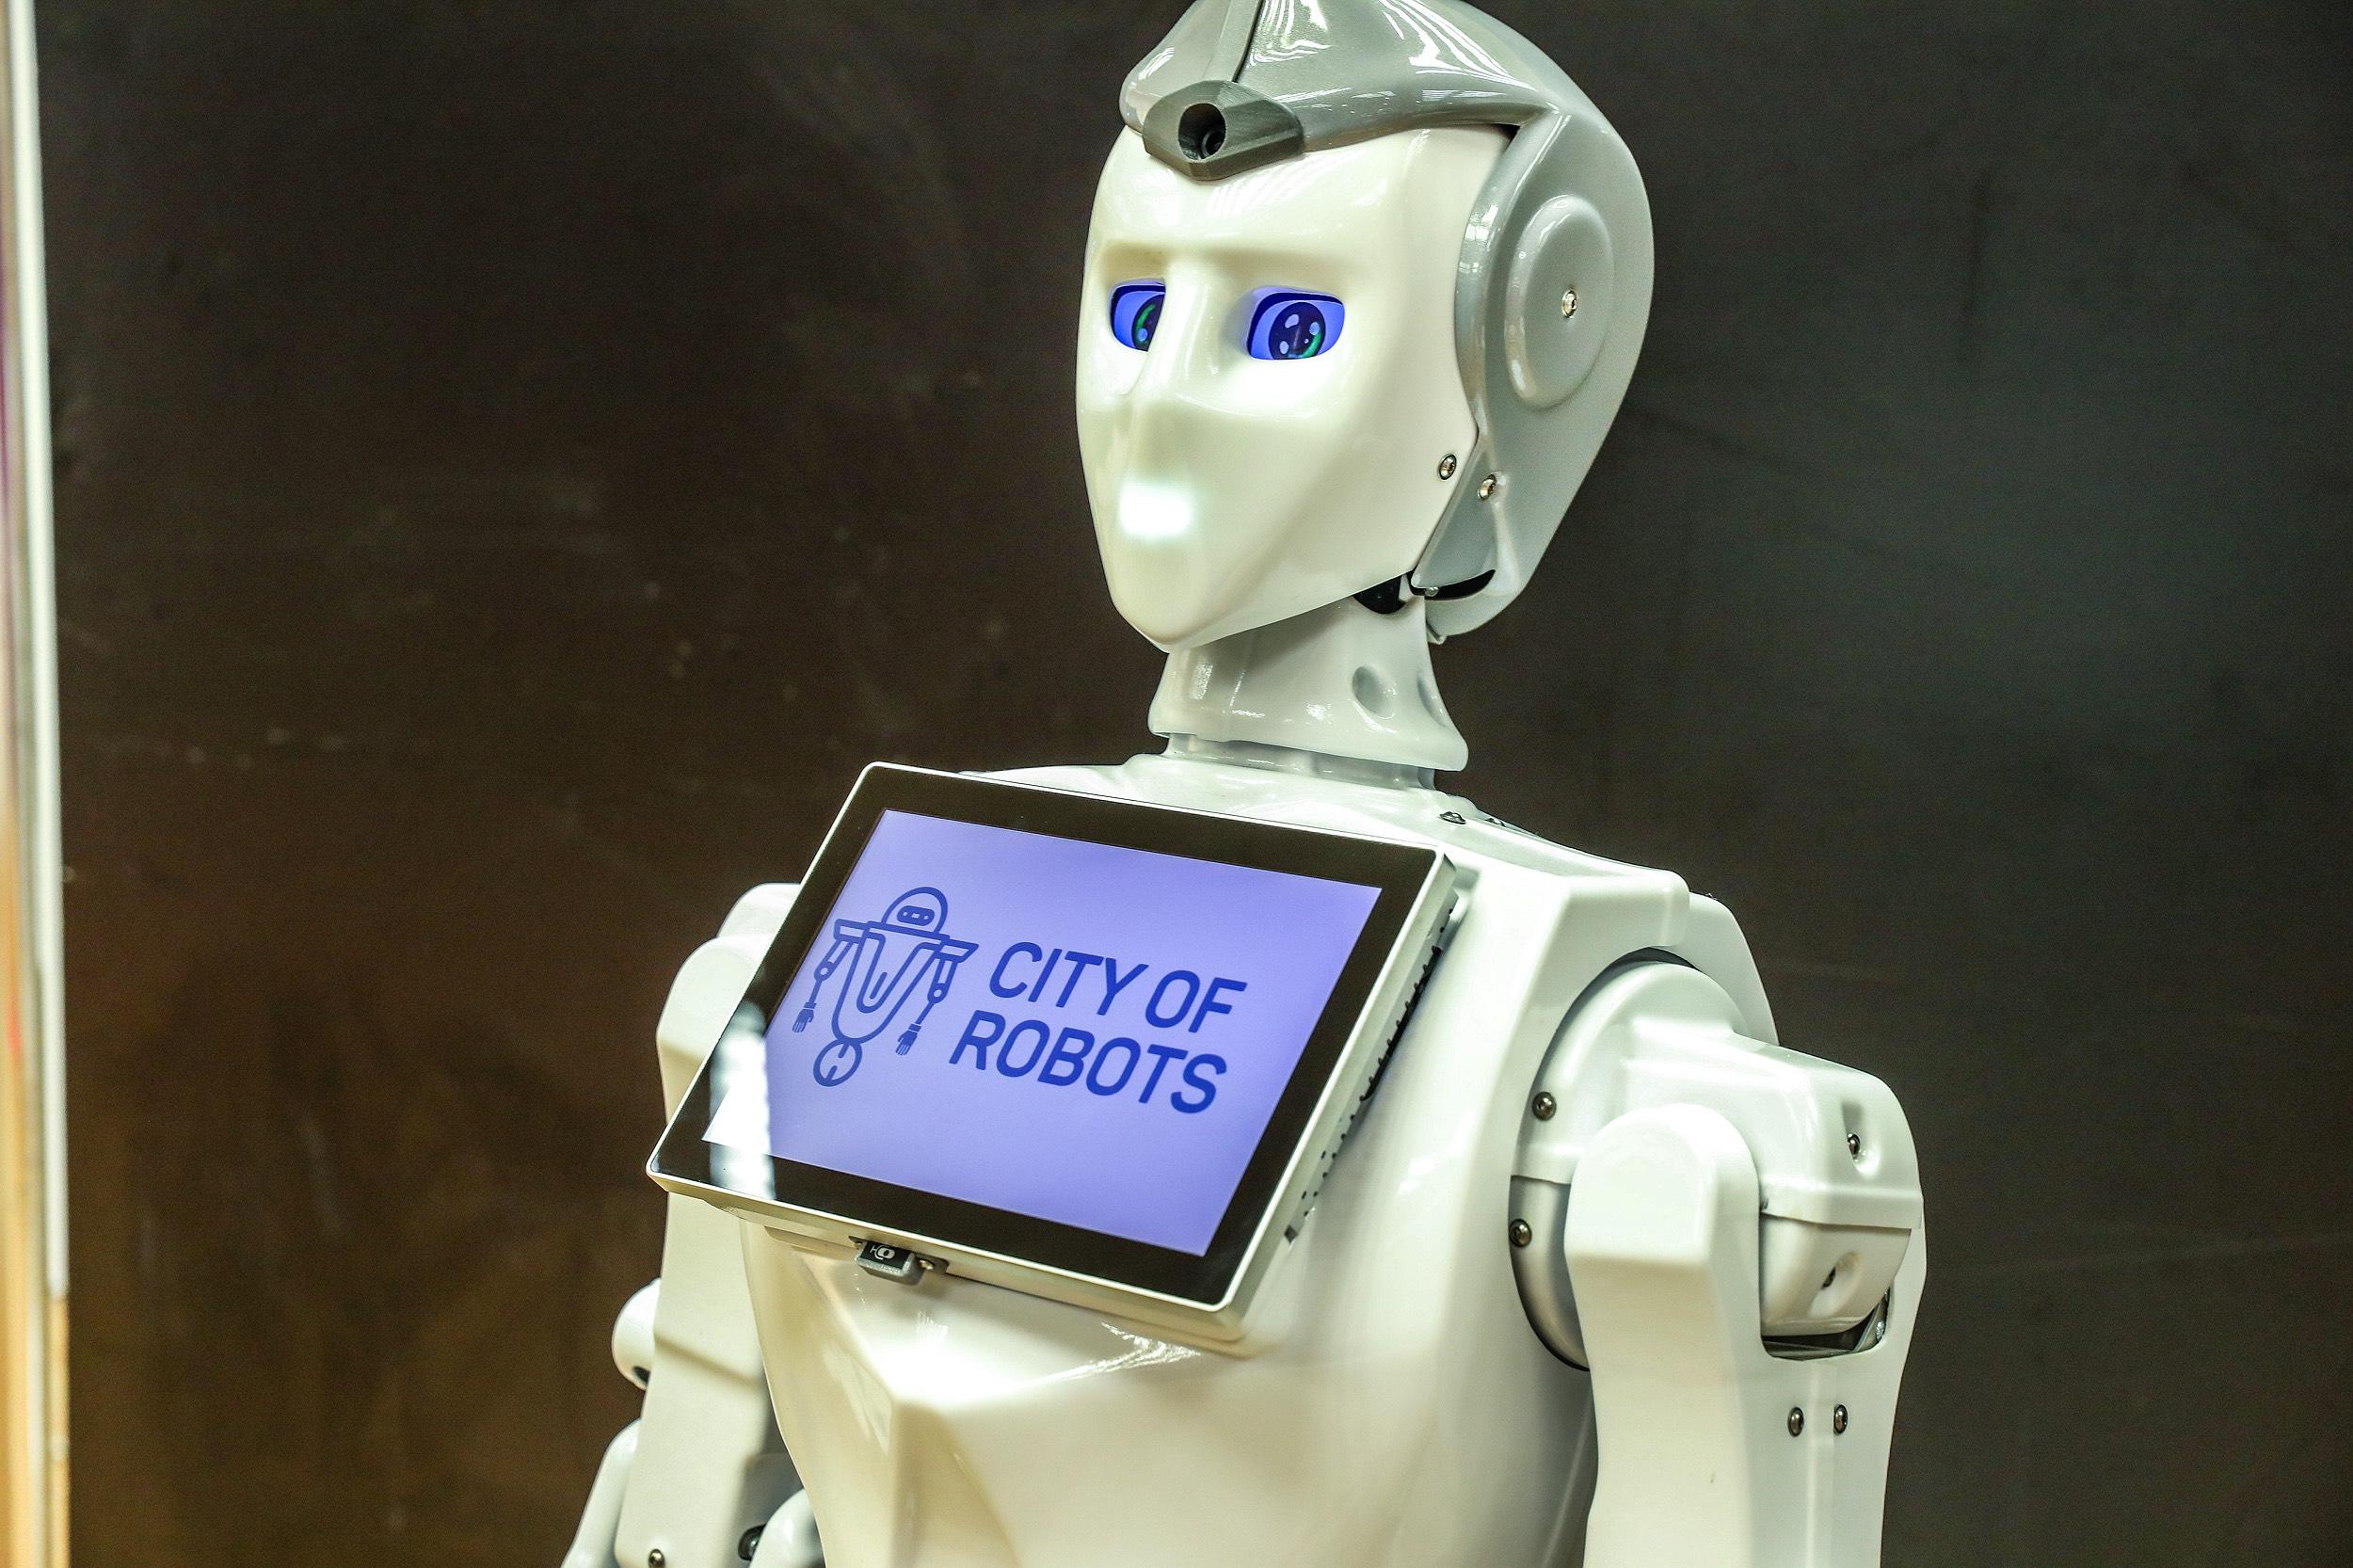 prekybos robotų įstatymas kaip greitai uždirbti 1500 be investicijų